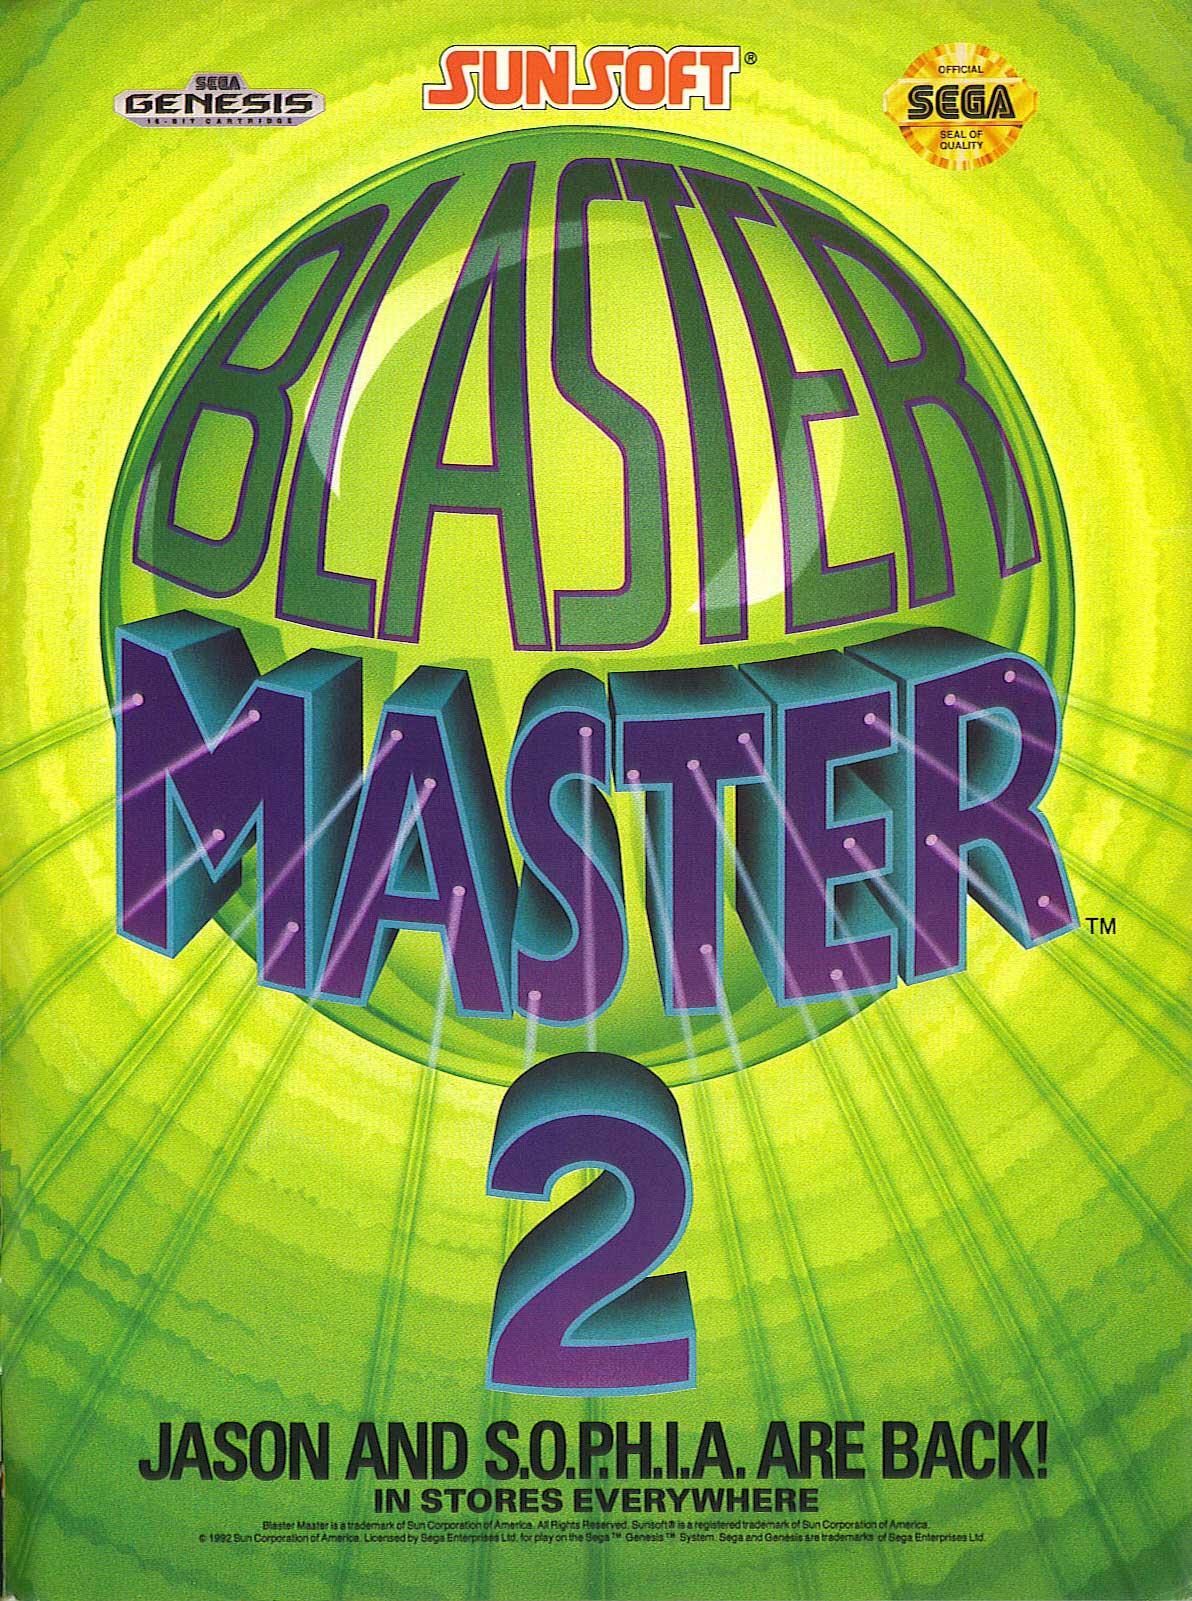 Blaster-Master-2.jpg